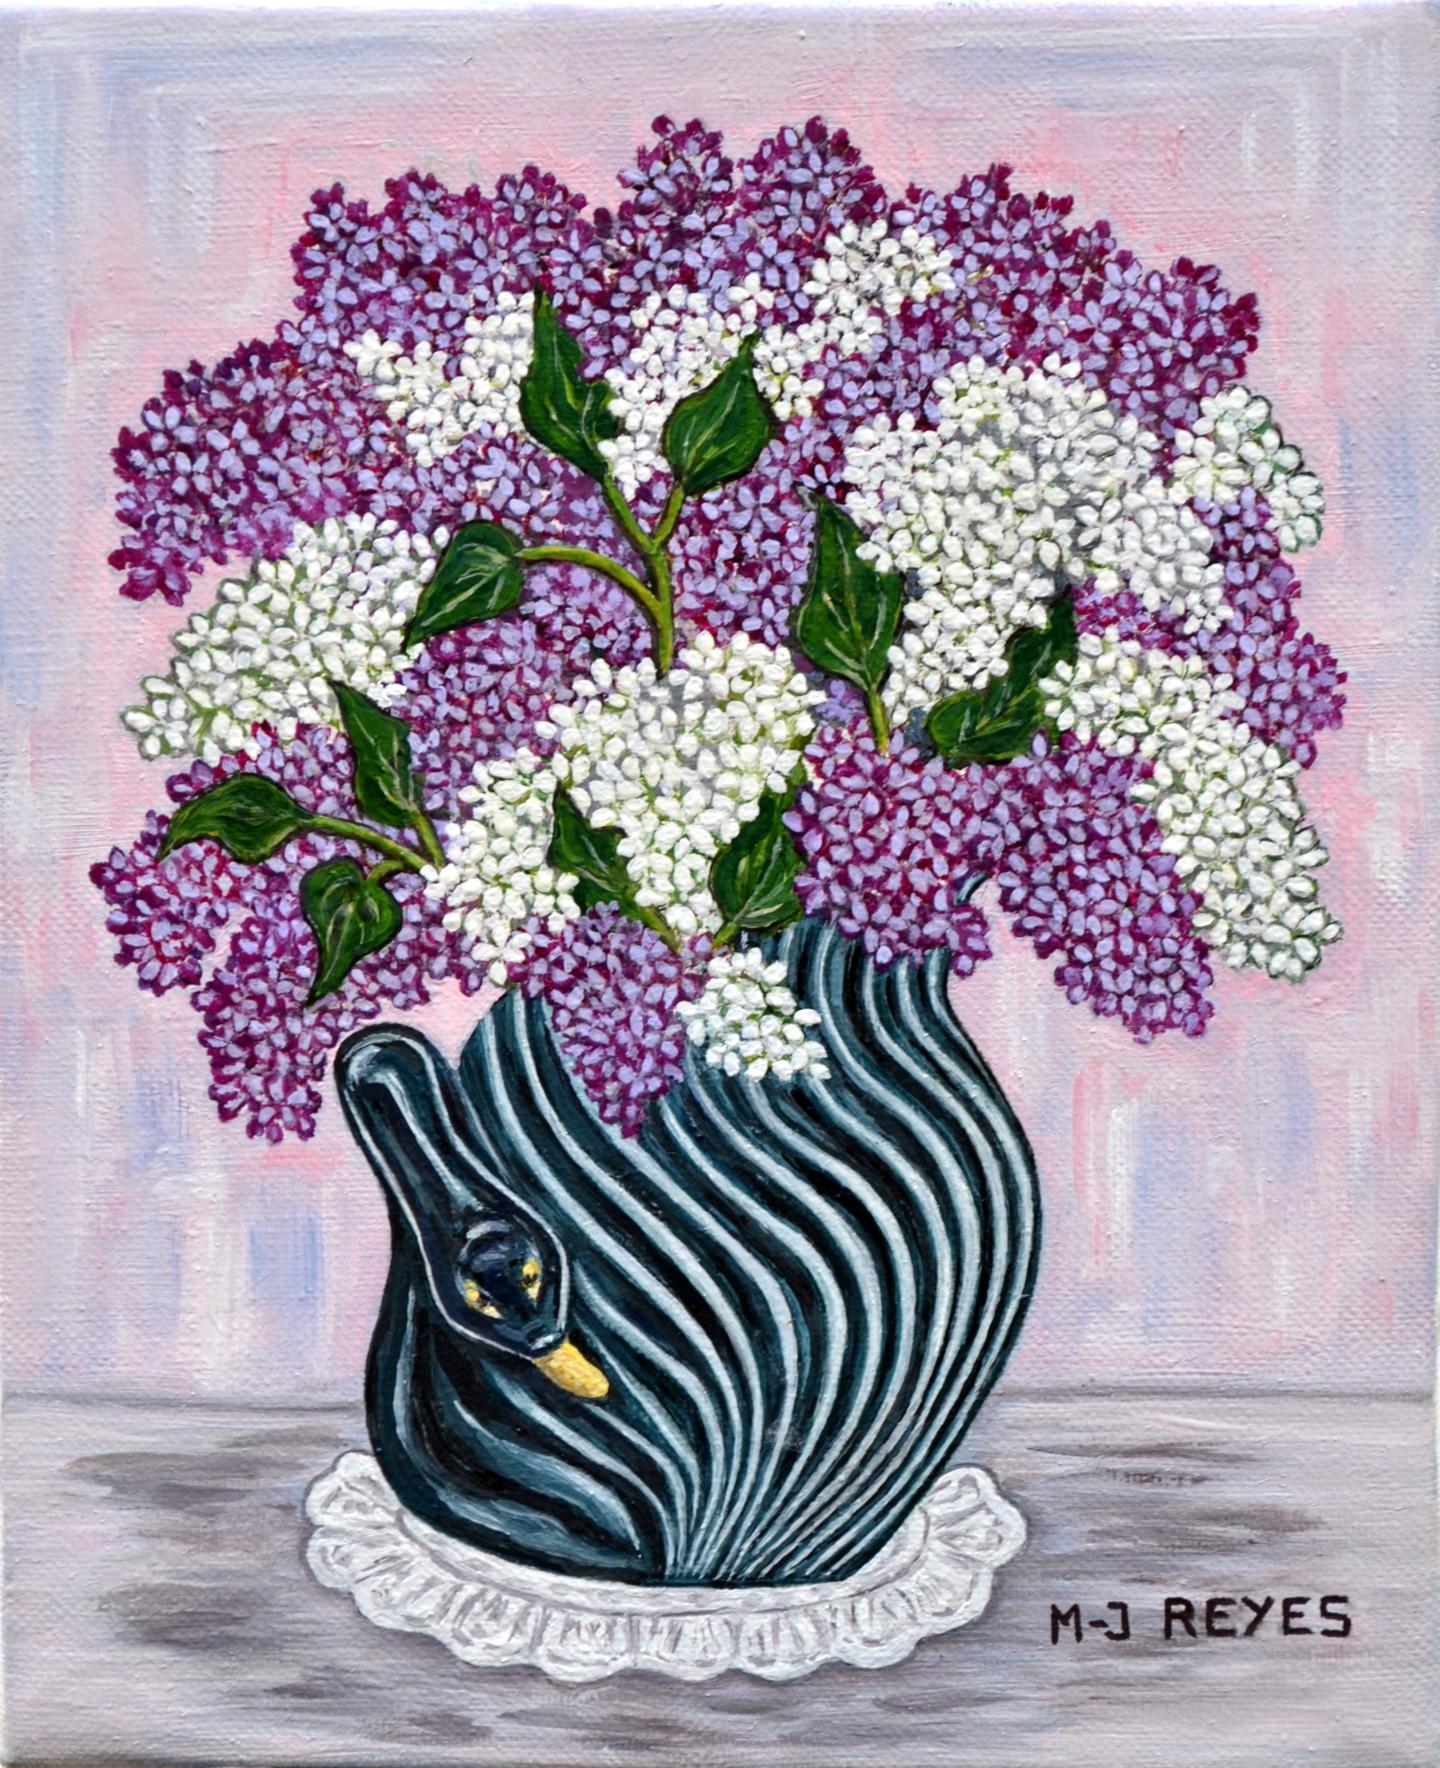 Marie-Josée Reyes - Bouquet de lilas dans vase cygne